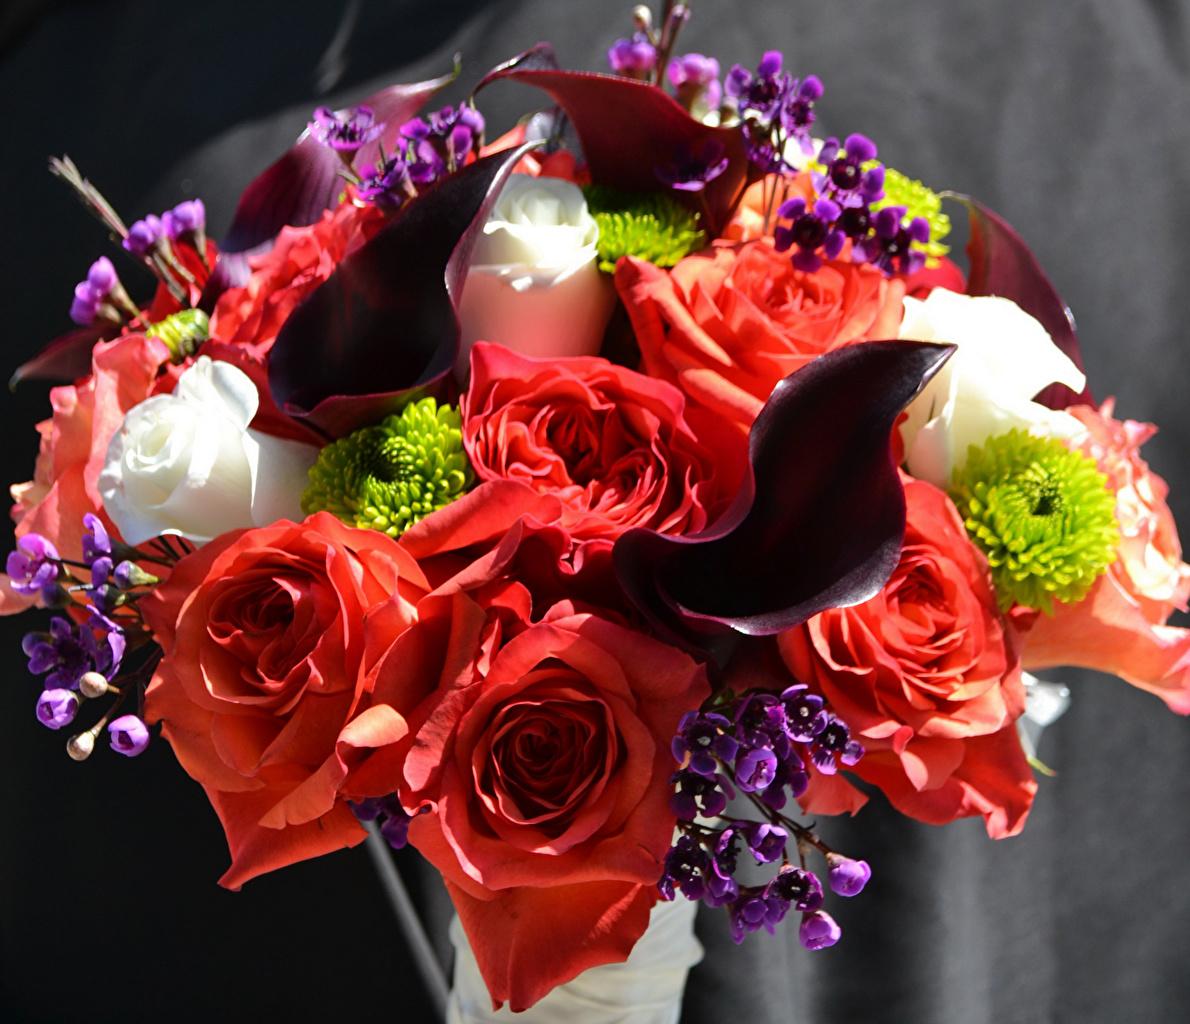 Foto Sträuße Rose Calla palustris Blumen Blumensträuße Rosen Drachenwurz Blüte